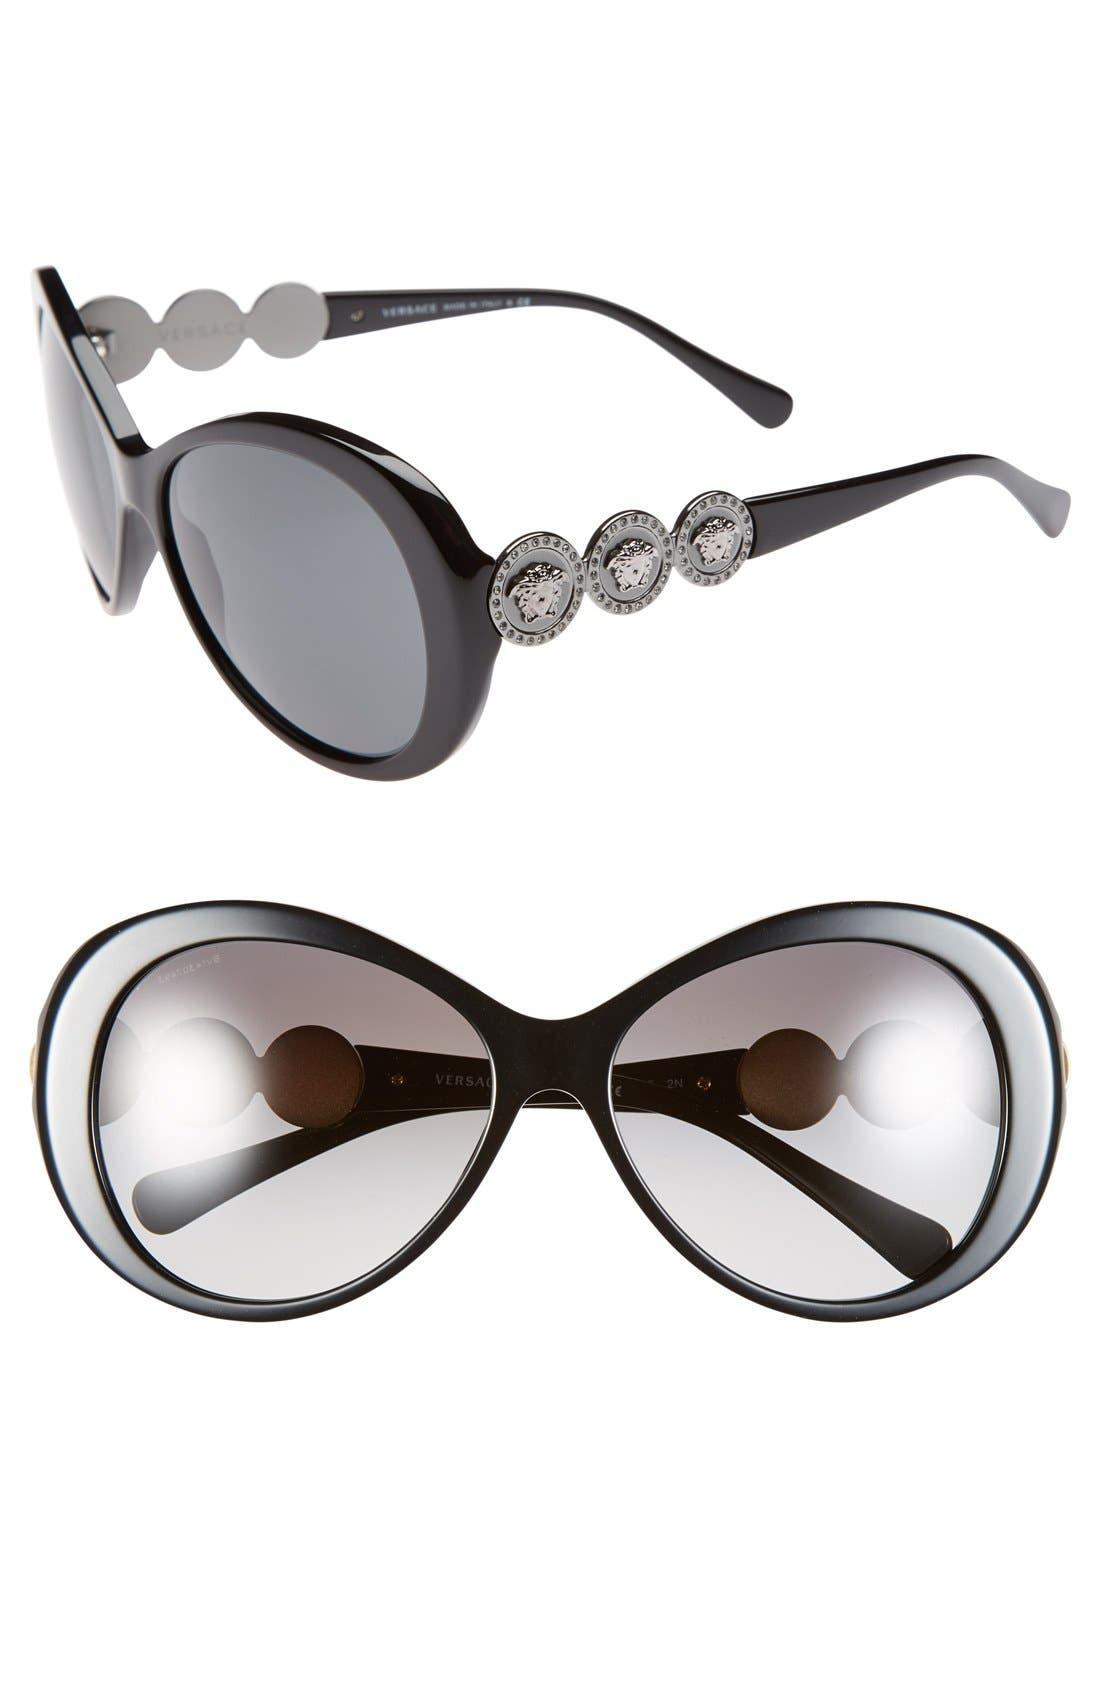 Main Image - Versace 58mm Round Sunglasses